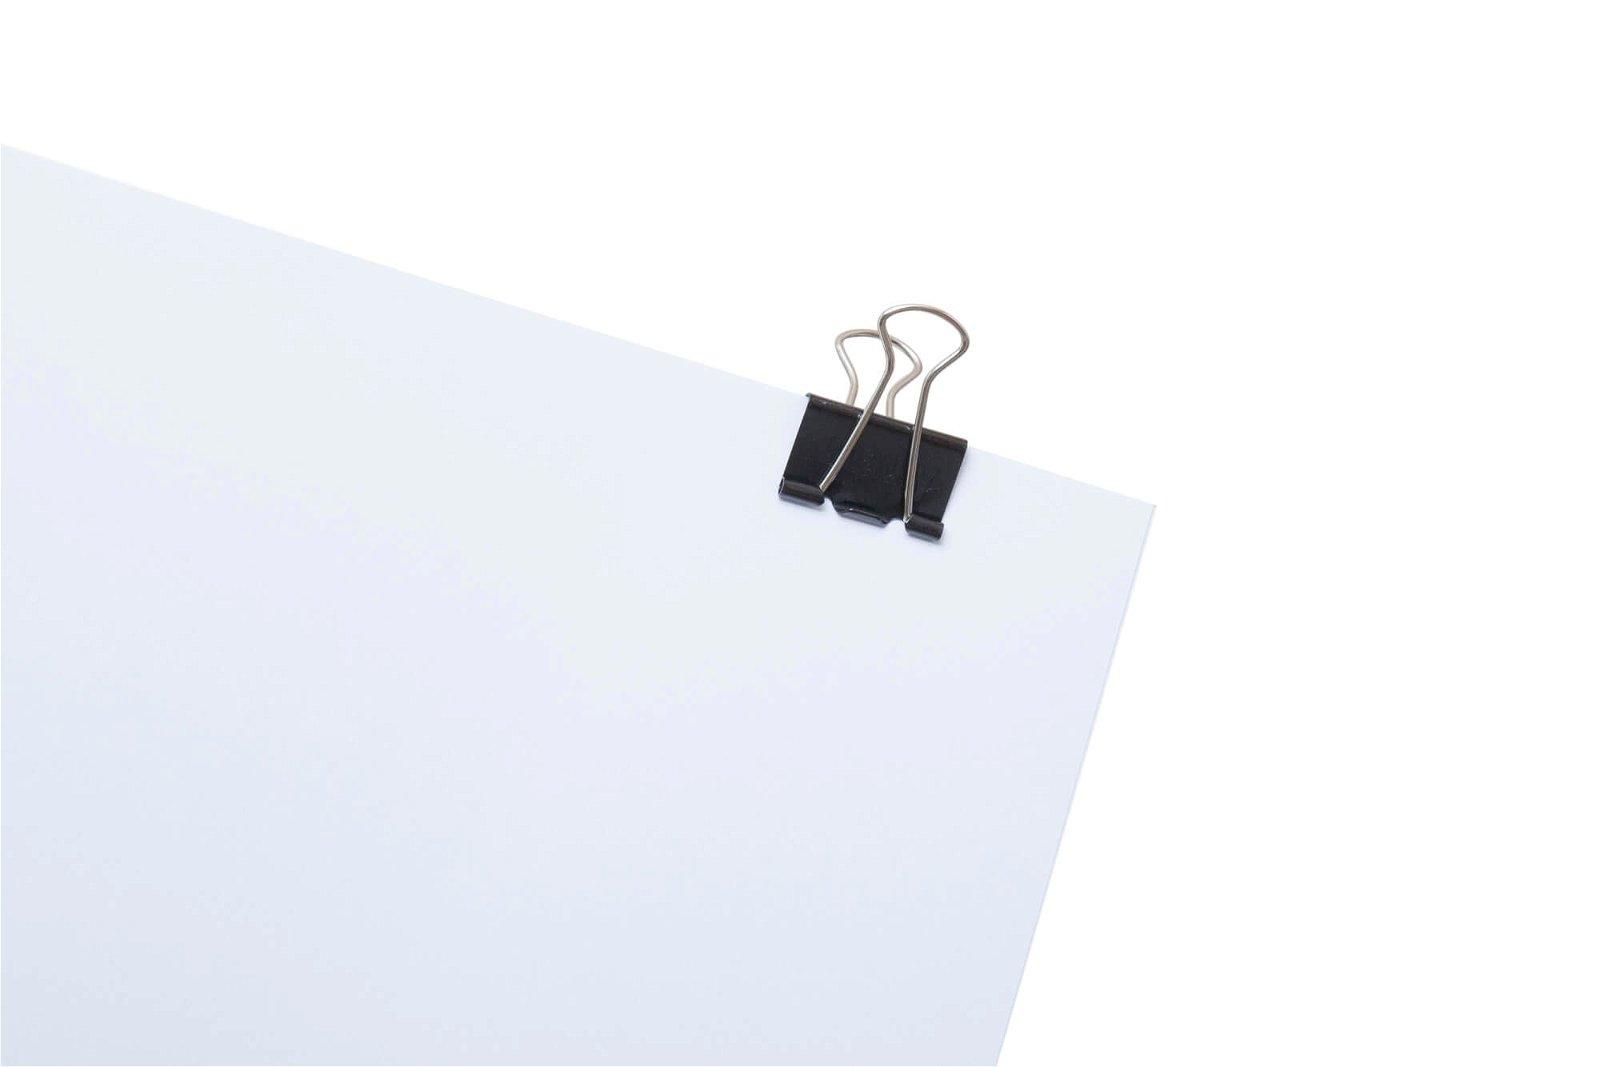 mauly 214, Breite 25 mm, 12 St./Ktn., schwarz